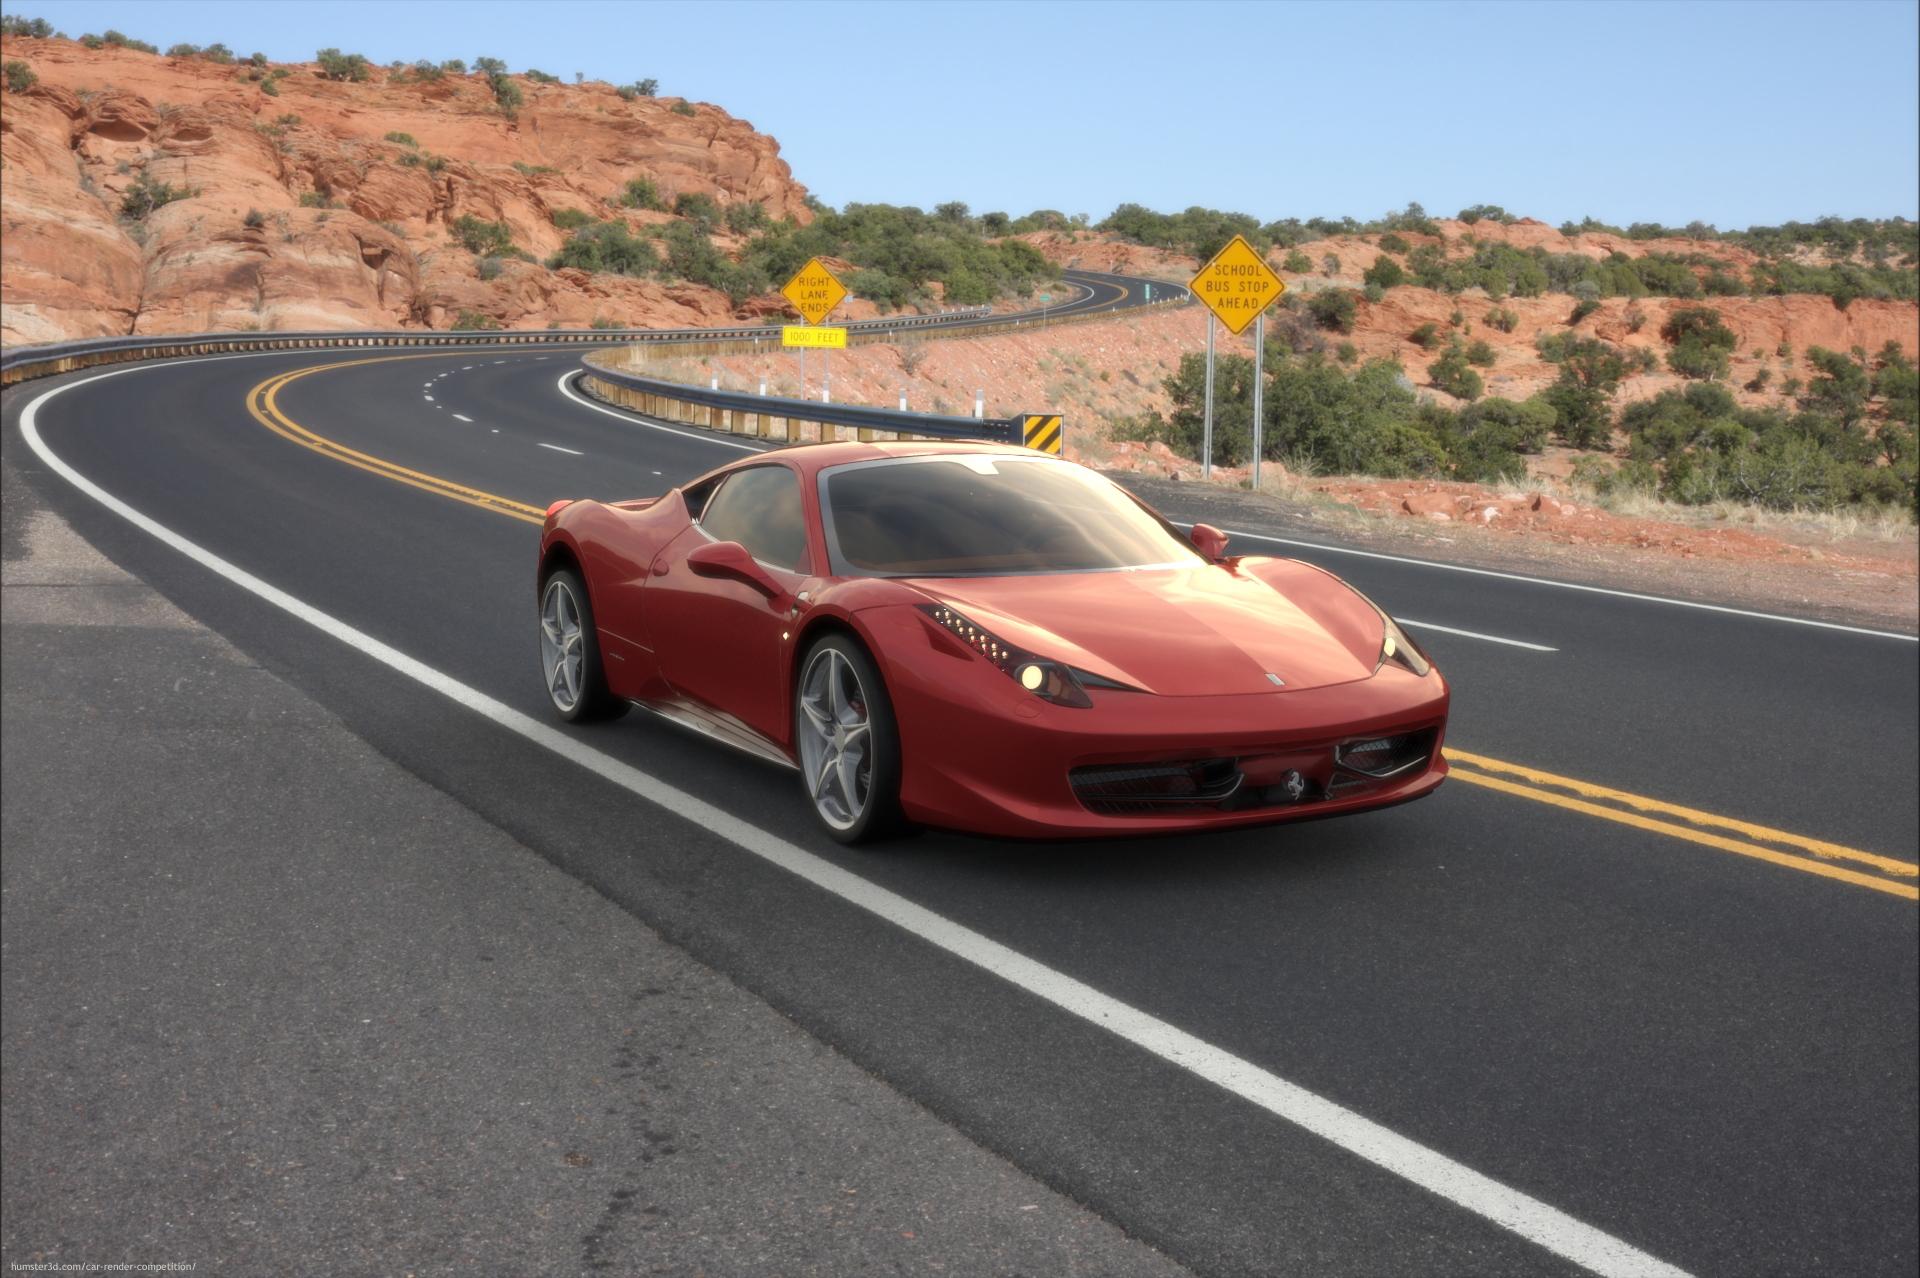 Ferrari 456 Itália 3d art